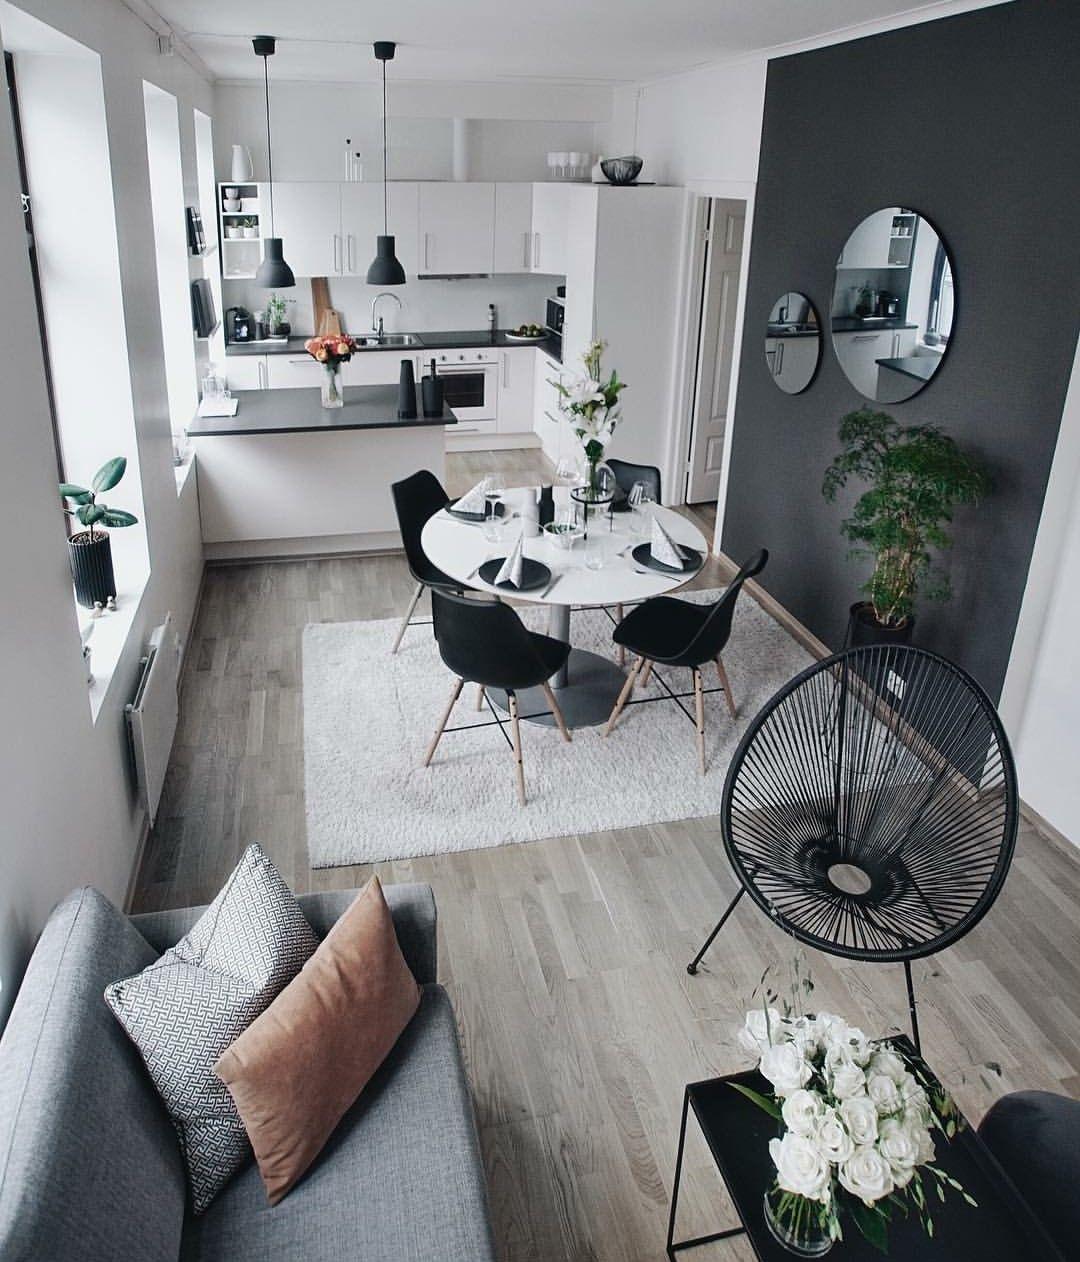 Esszimmer dekor wohnung super cute small area living  toll  pinterest  haus wohnzimmer